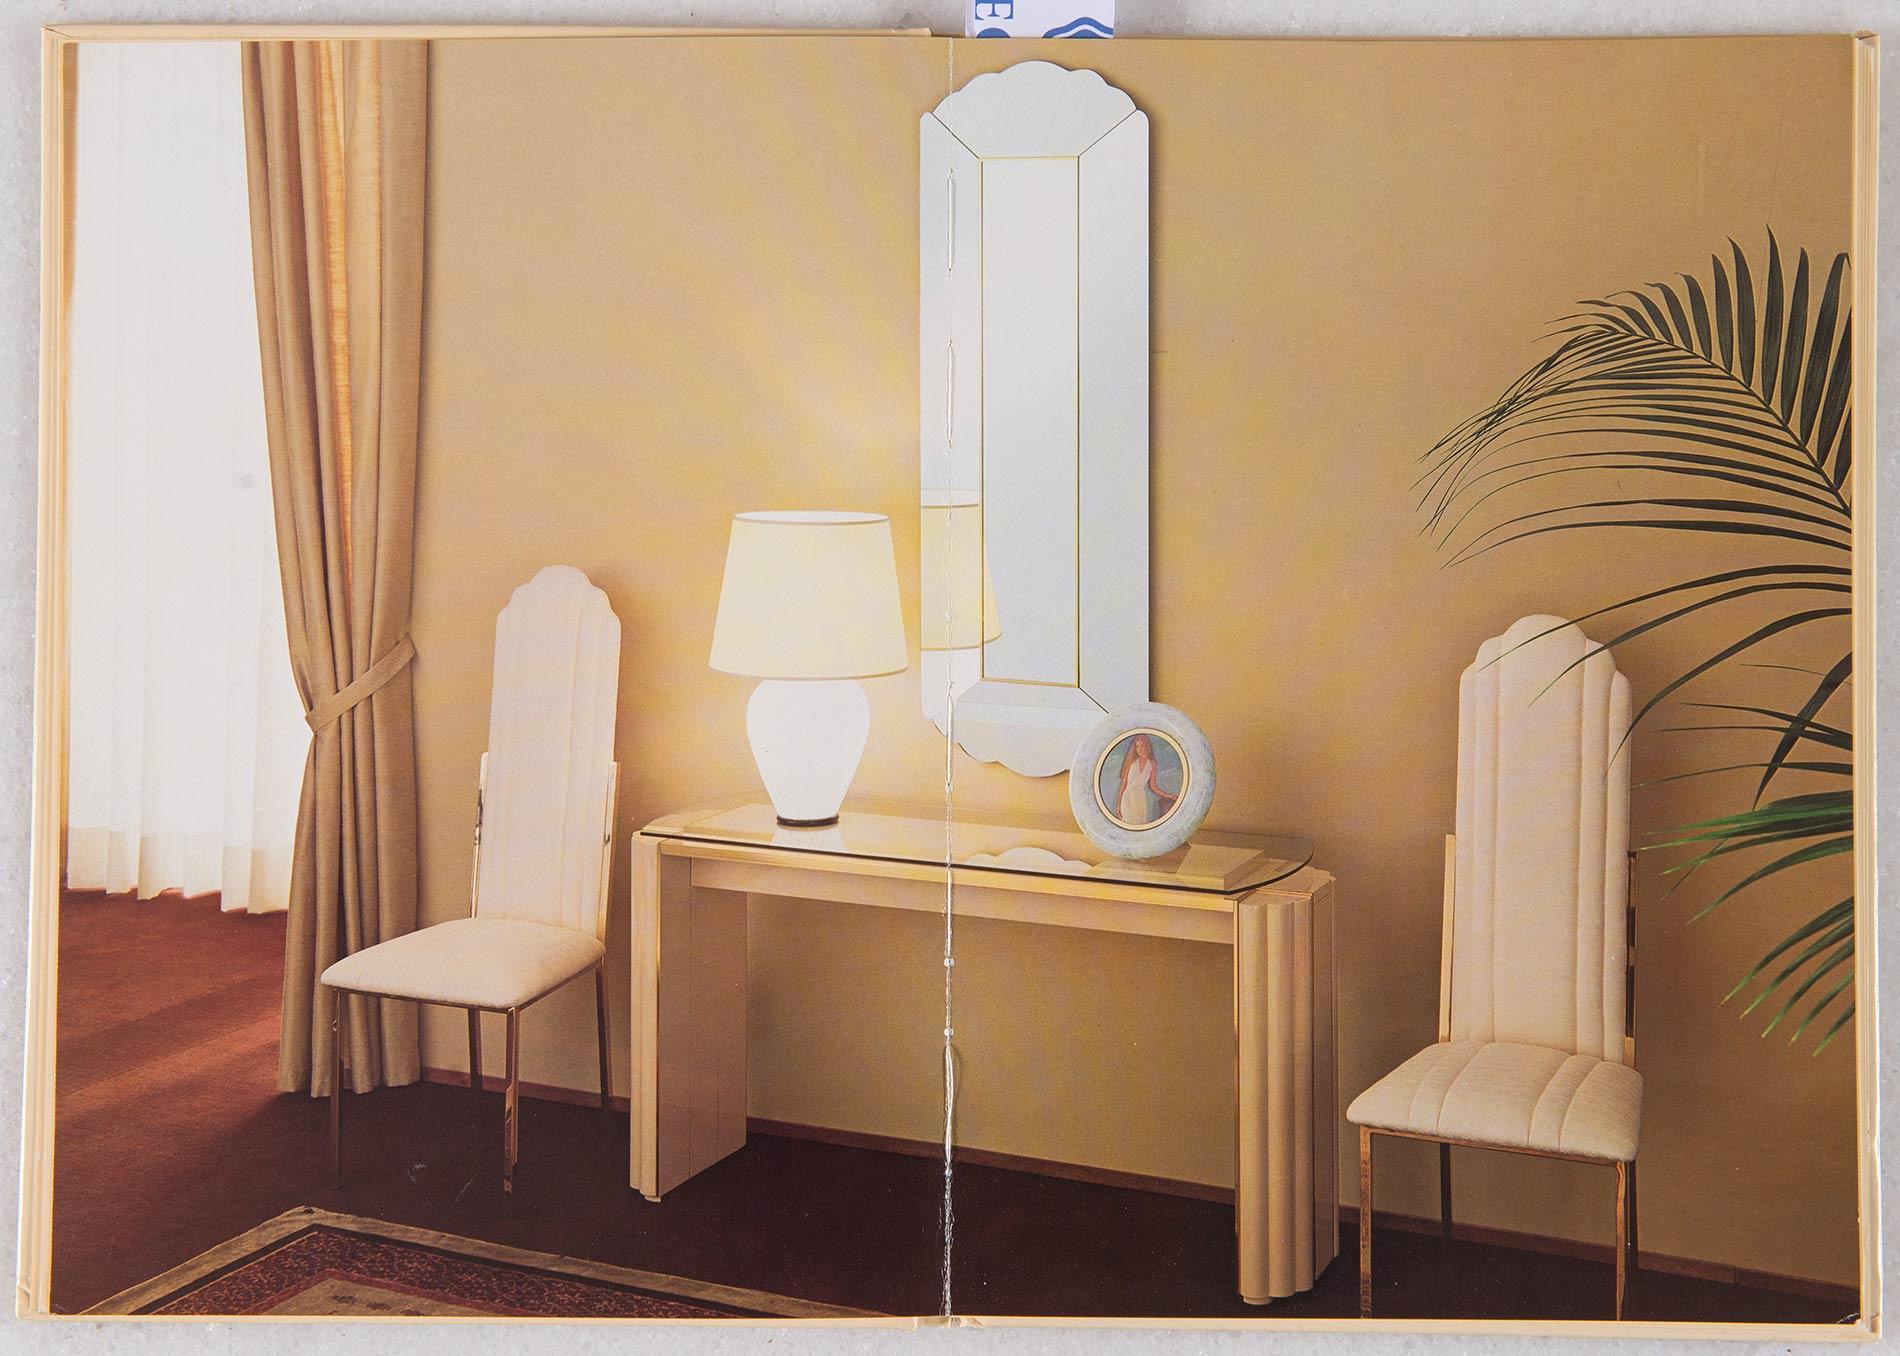 Alain Delon per Maison Jansen, Otto sedie AD 026, Anni '70. - Image 6 of 6